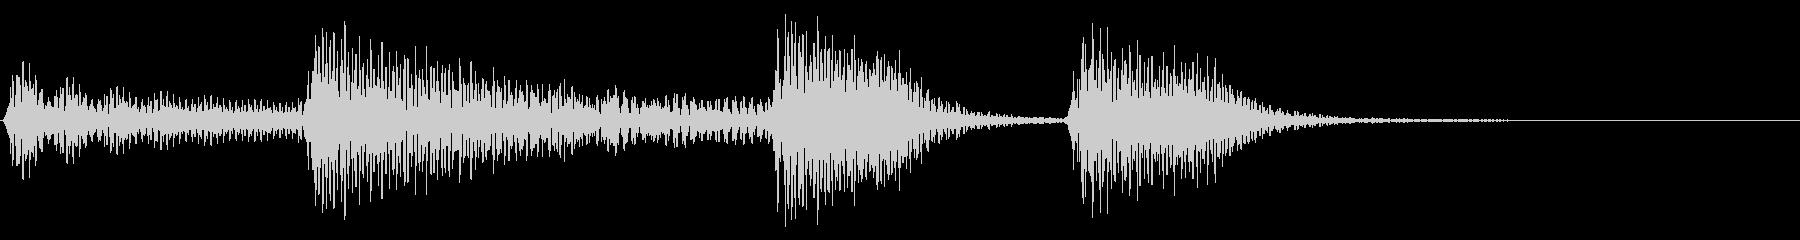 あたたかい ボサノバ ナイロンギターの未再生の波形